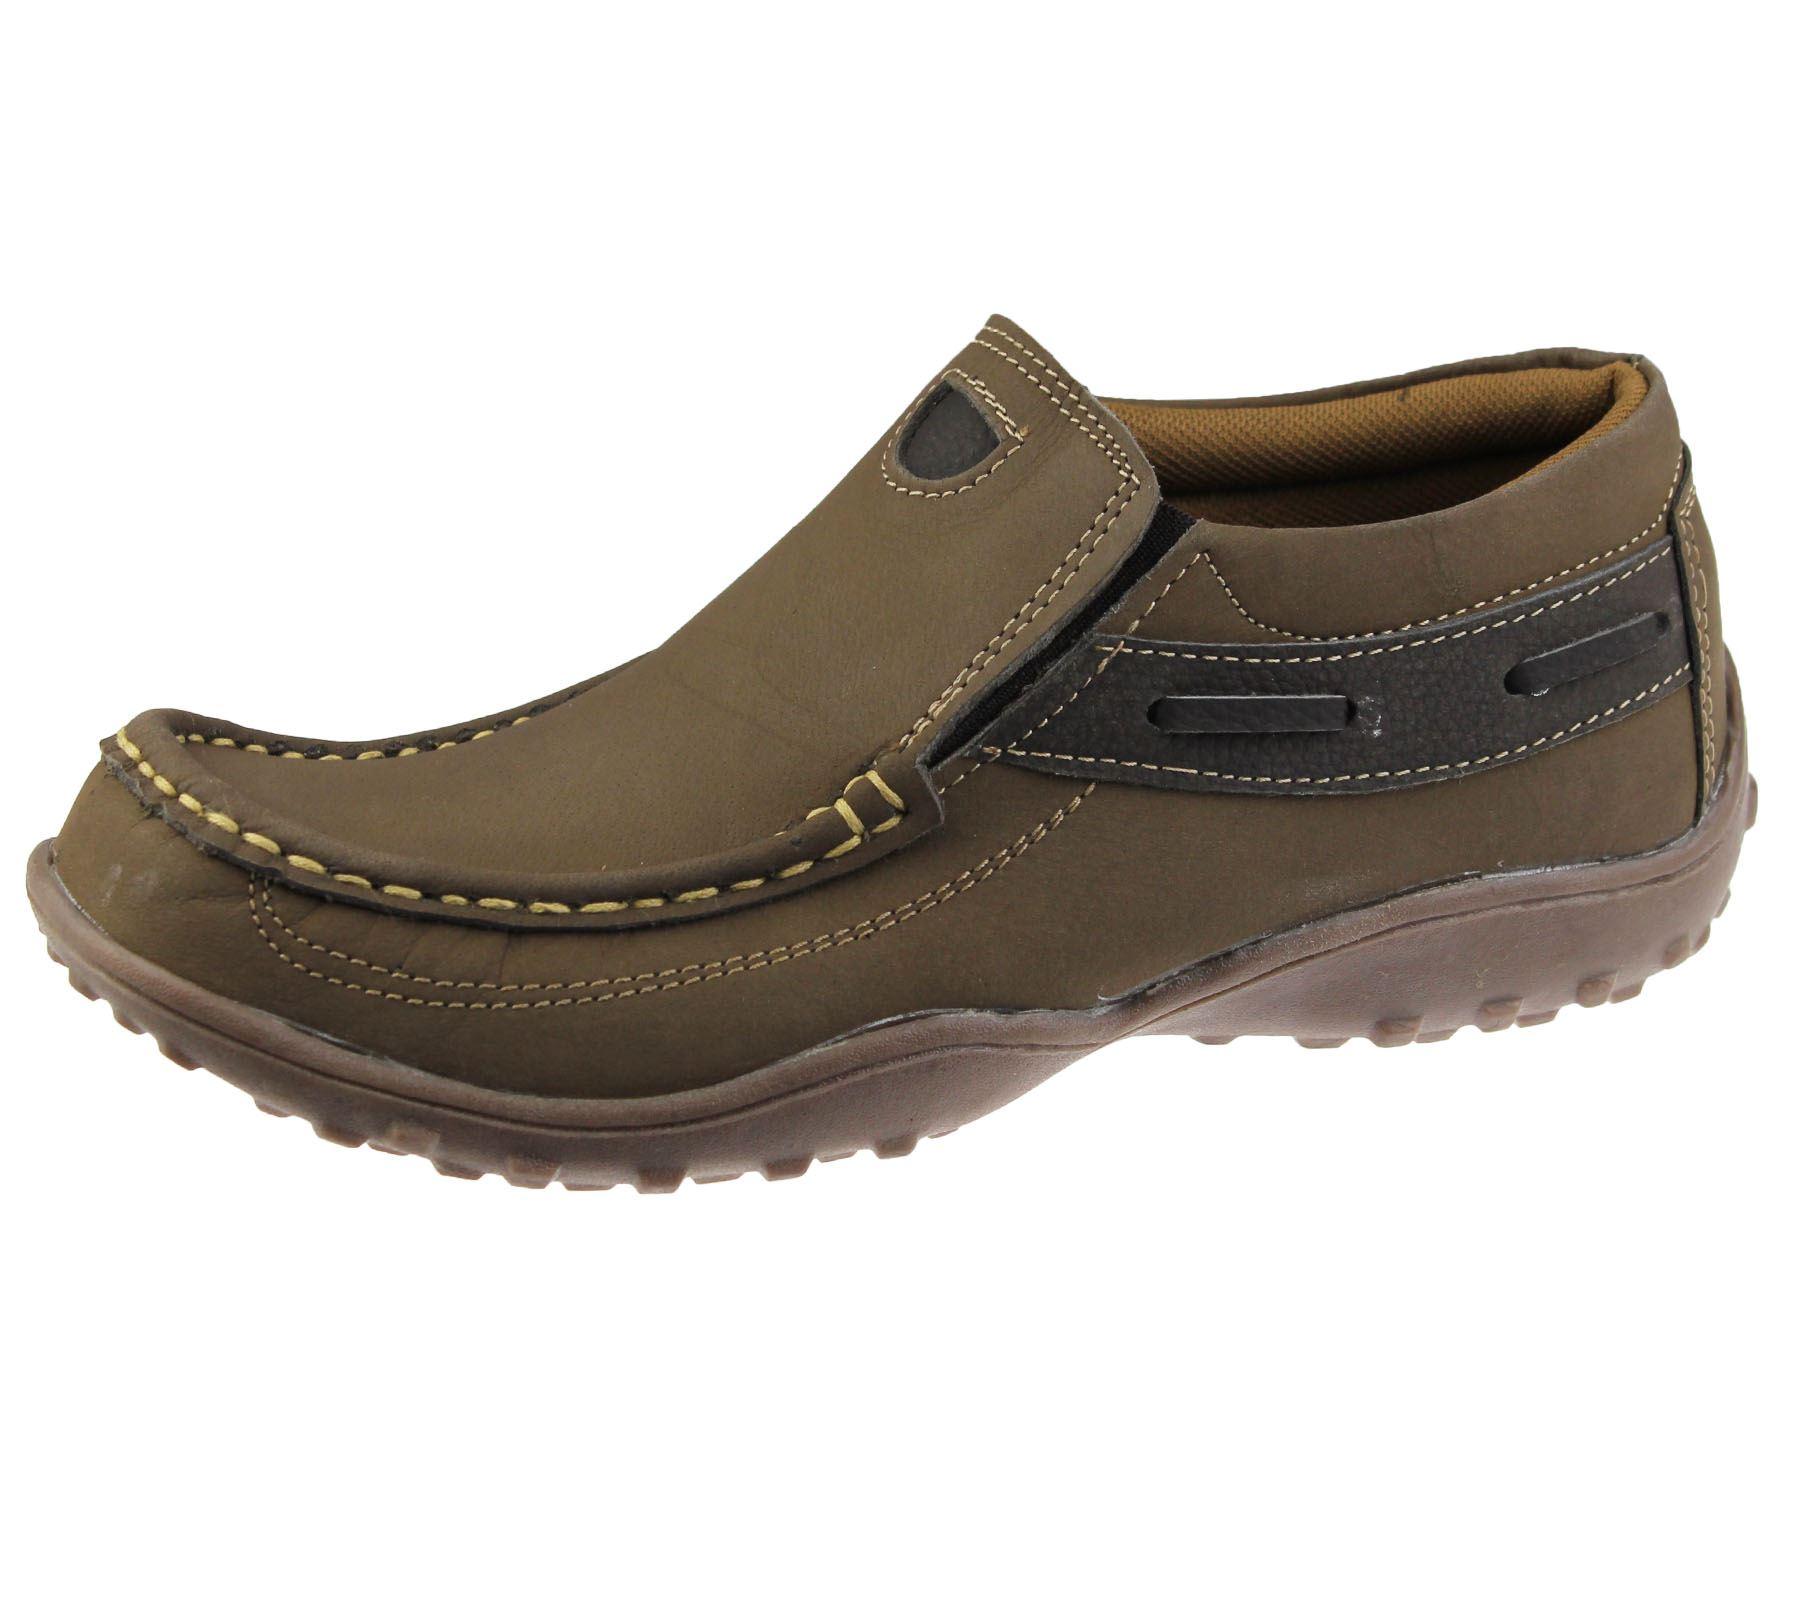 Womens Deck Shoes Australia